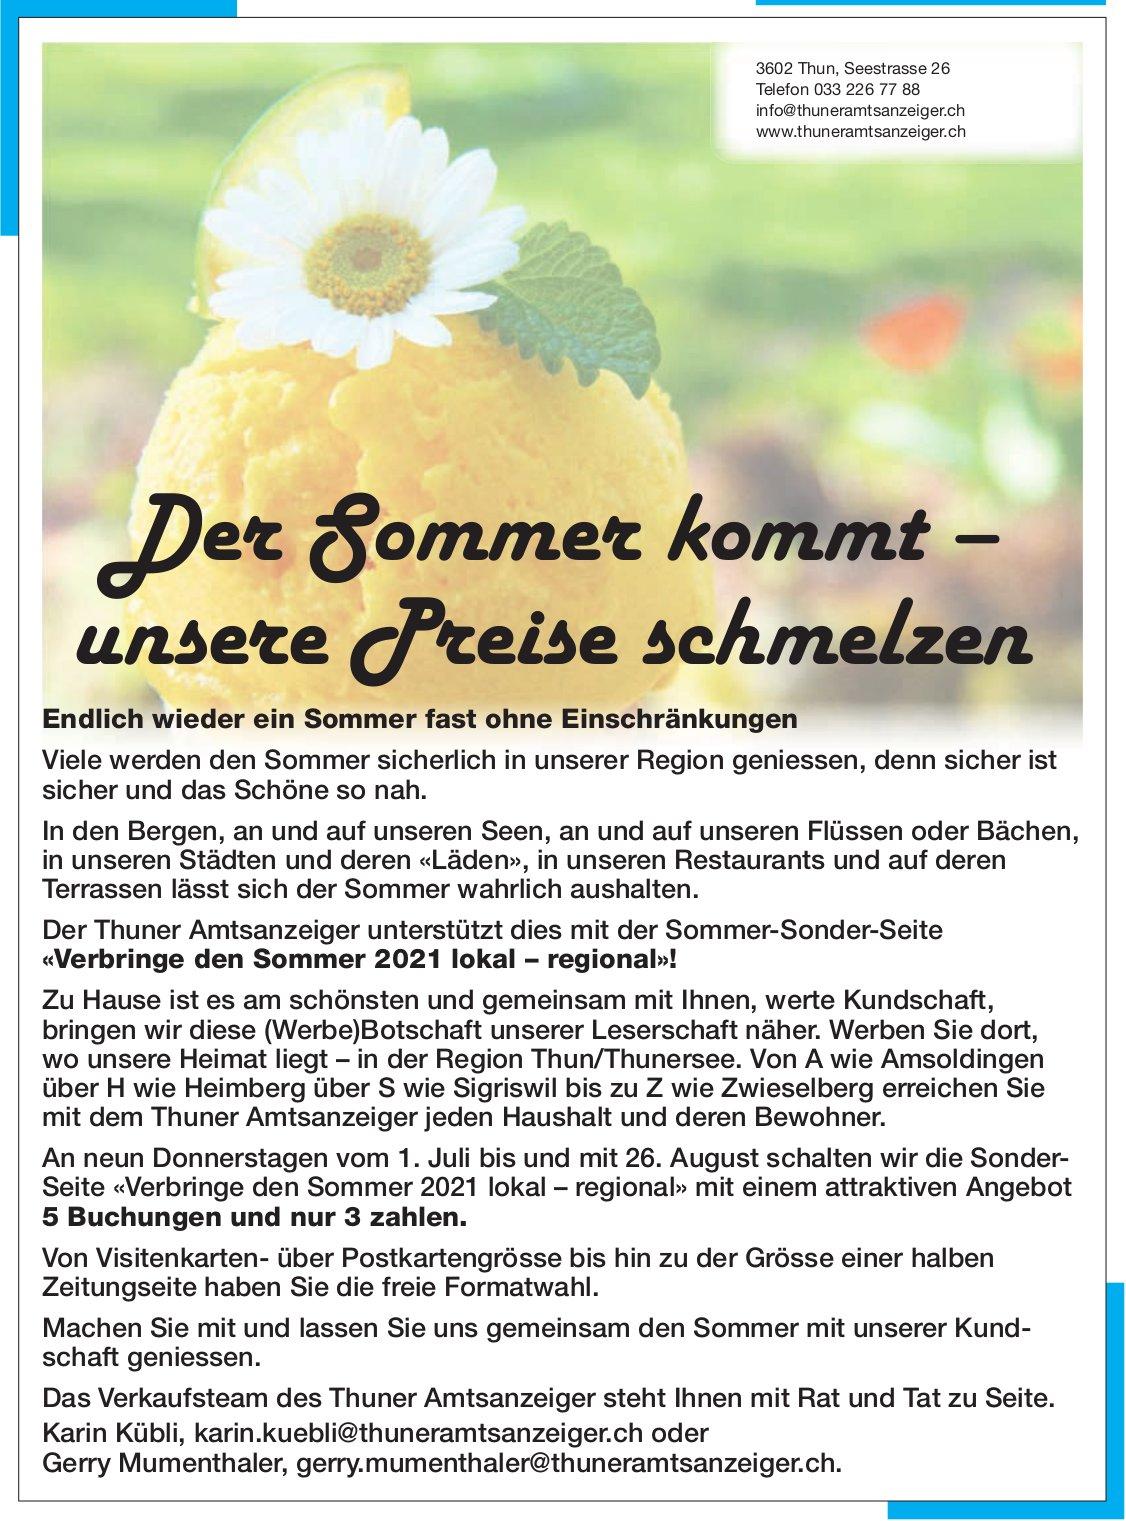 Thuner Amtsanzeiger - Der Sommer kommt – unsere Preise schmelzen